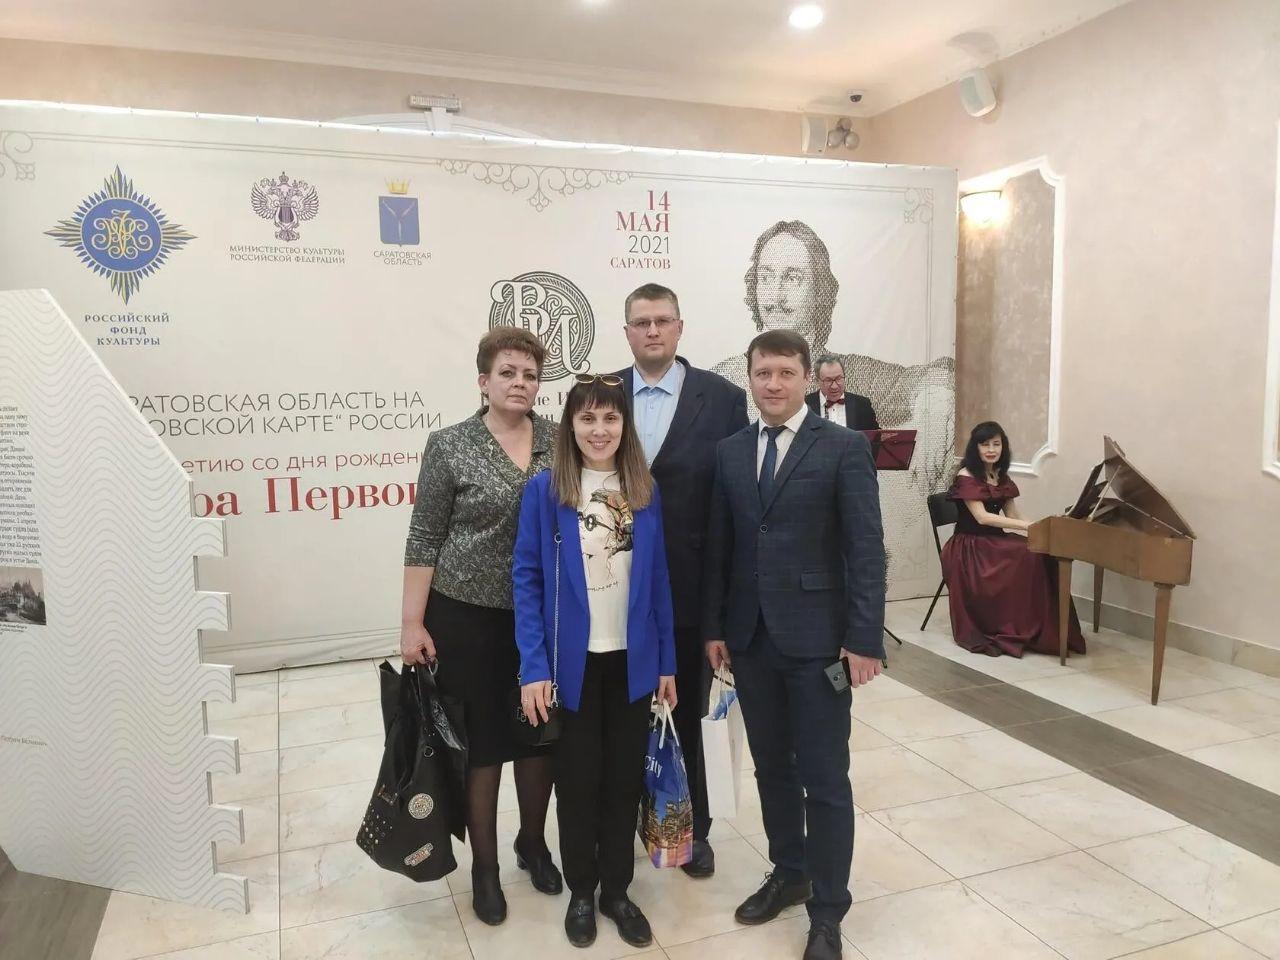 Делегация Петровска приняла участие в региональной пленарной сессии, посвящённой подготовке к 350-летию российского императора Петра I